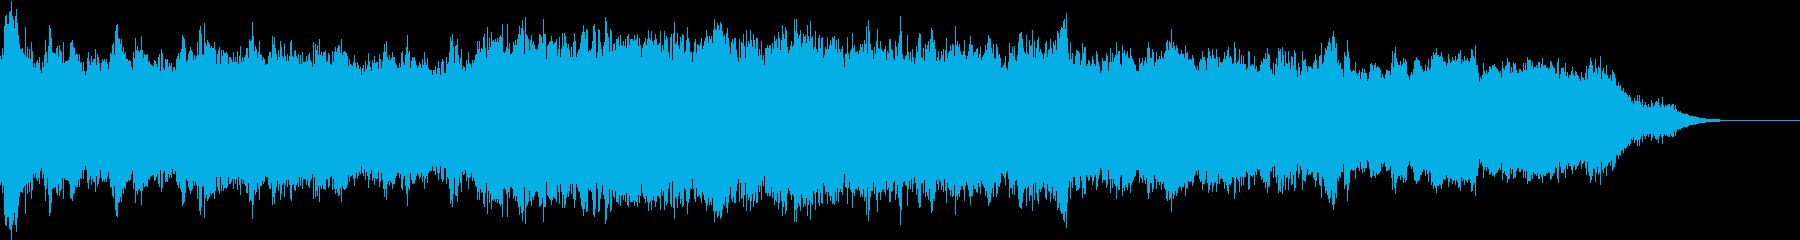 高音質Ver 壮大華やか 白鳥の湖 終曲の再生済みの波形